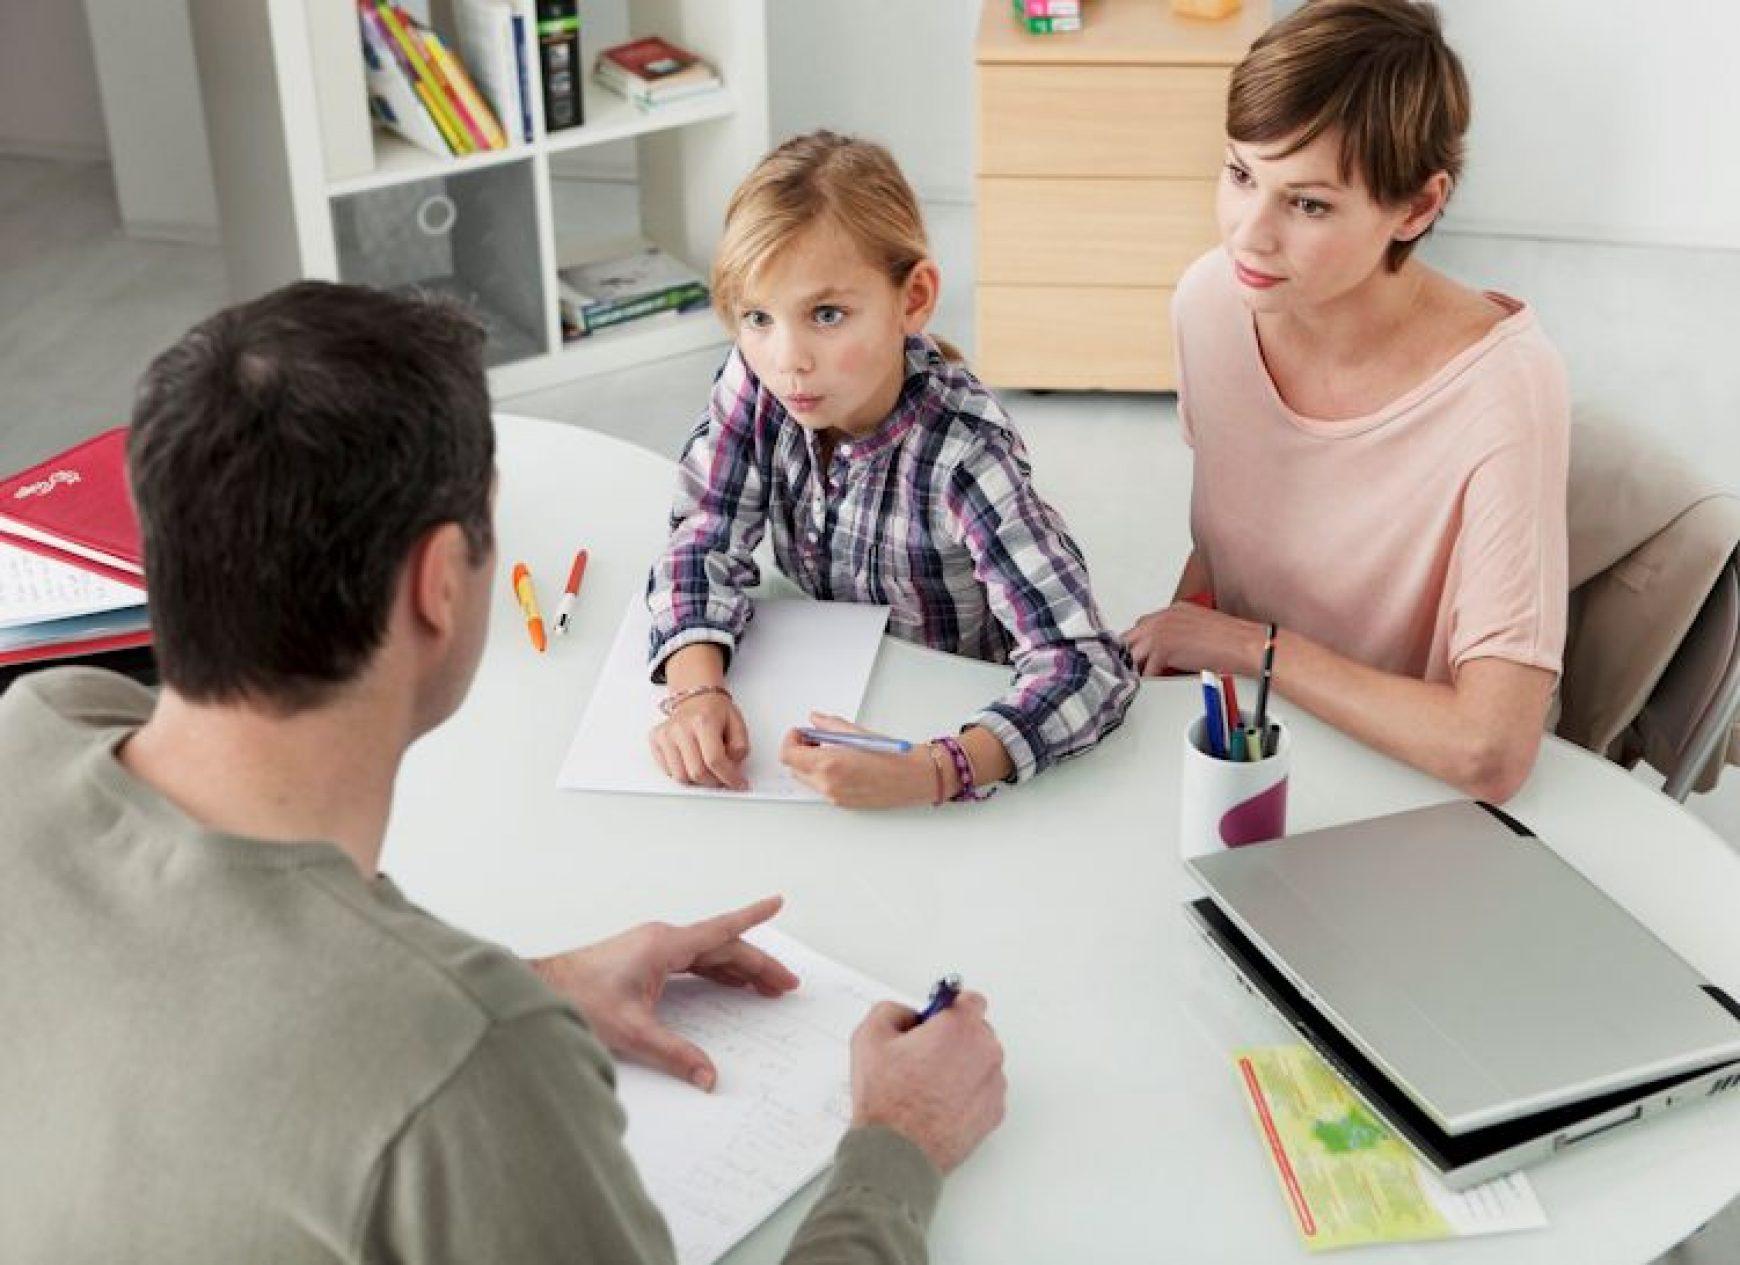 Συνάντηση εργαζομένων παιδοψυχιατρικής υγιεινής